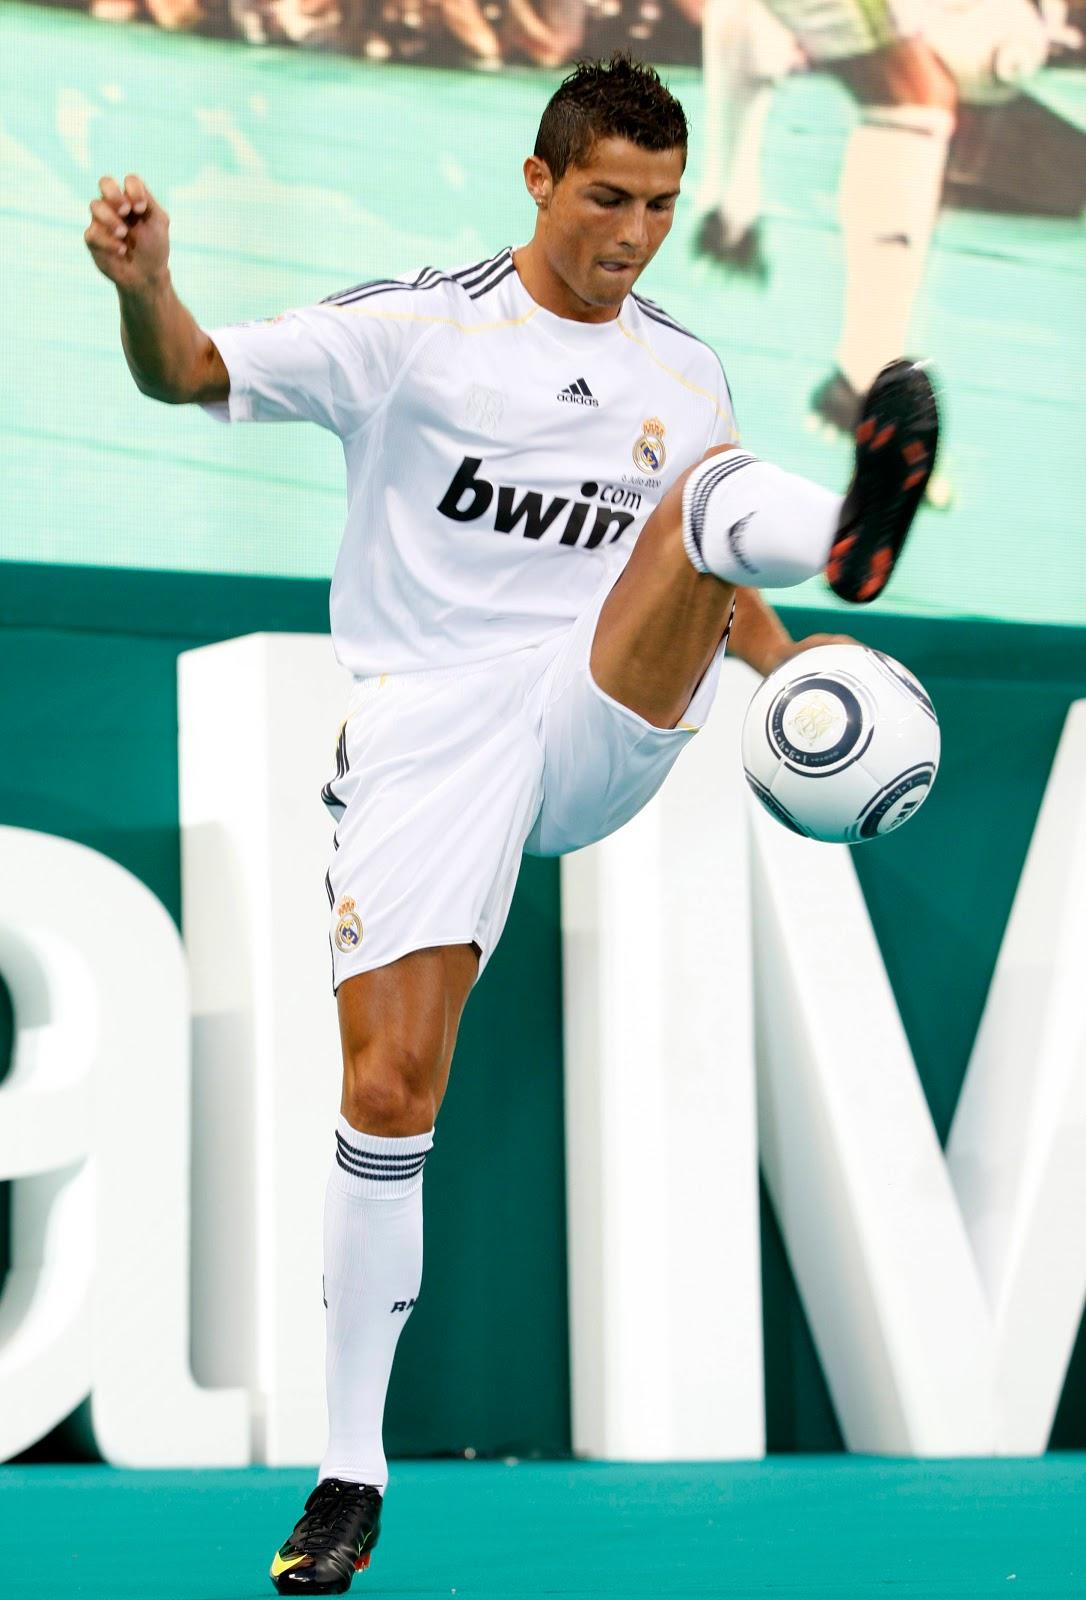 http://2.bp.blogspot.com/-Kkj1RqyDnSQ/TwQX32pvEKI/AAAAAAAAIZw/U16YZMO57lY/s1600/Cristiano+Ronaldo++19.jpg